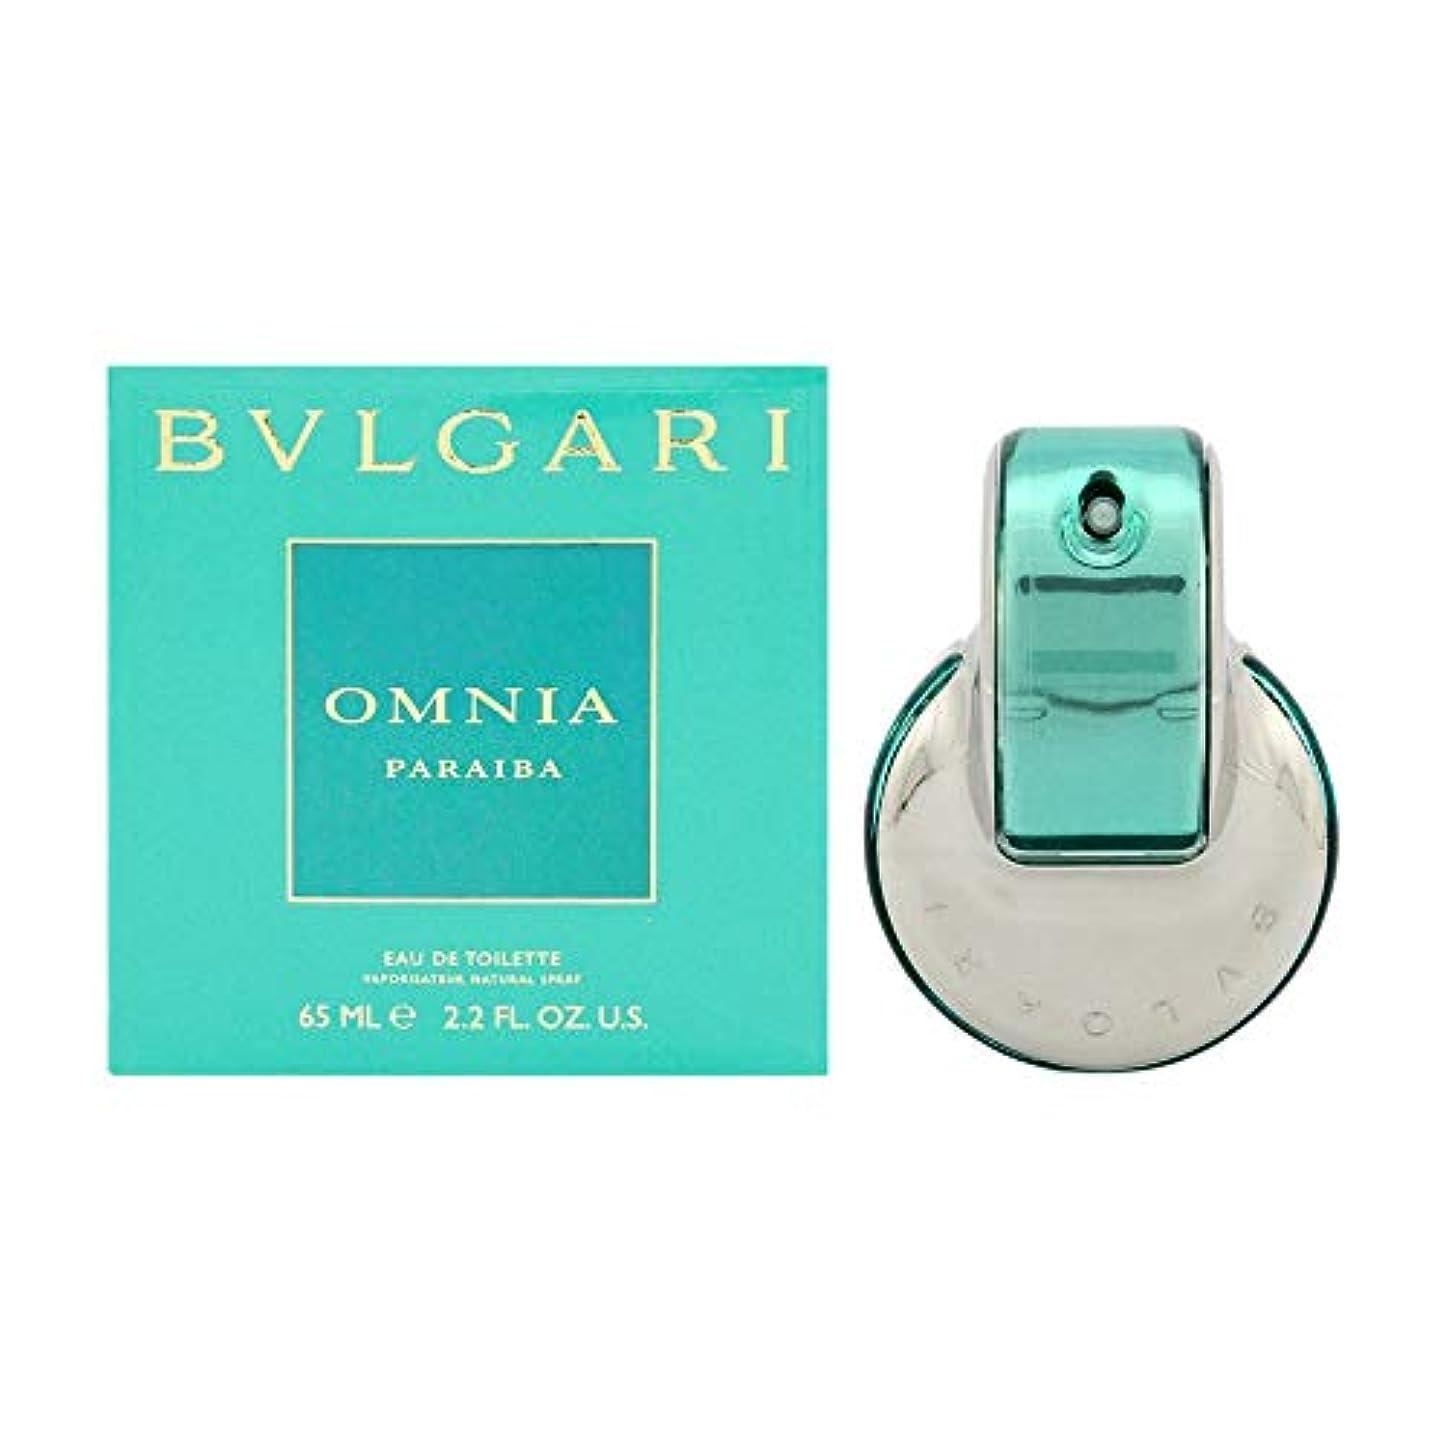 ソロ相反する気晴らしBVLGARI ブルガリ オムニアパライバ 65ml EDT レディース 香水 [並行輸入品]